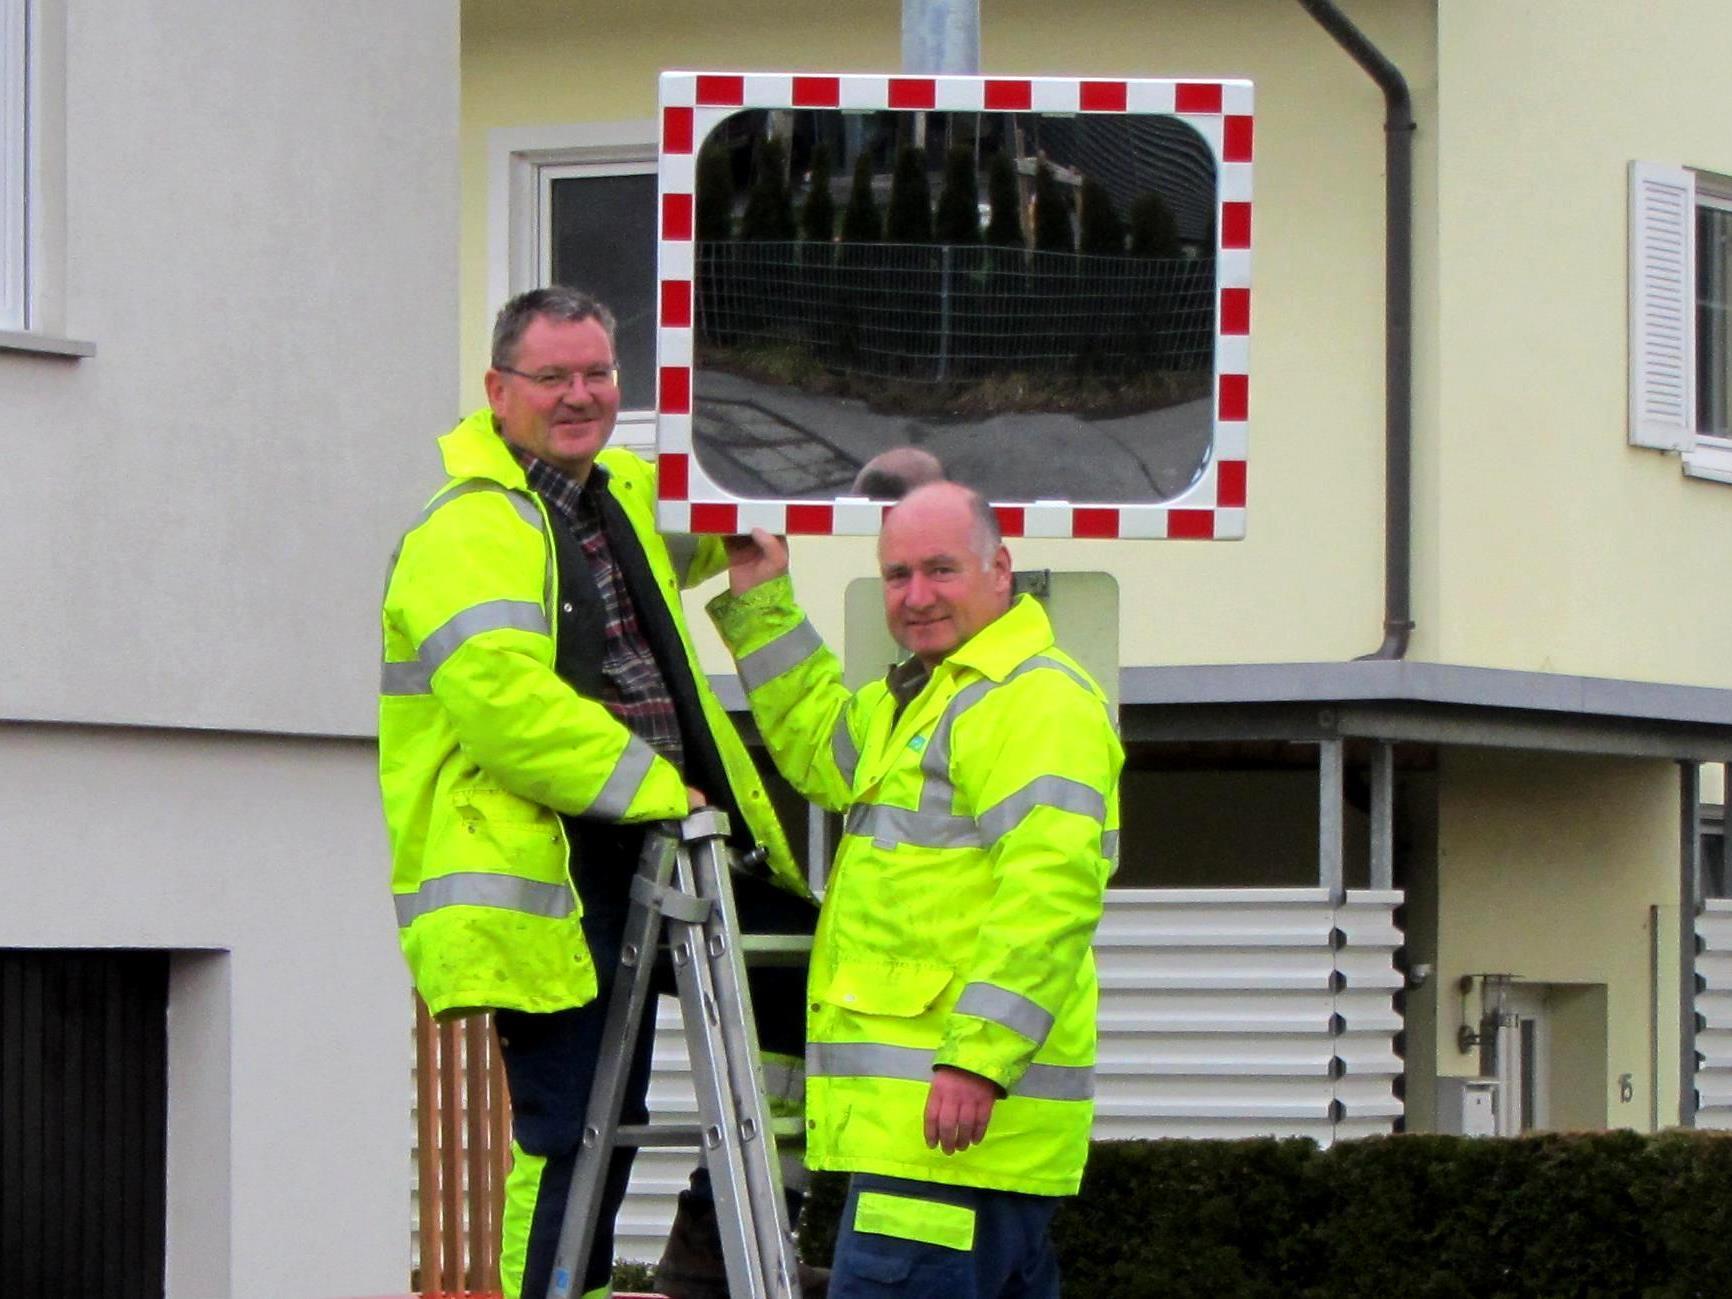 Die Bauhofmitarbeiter Dietmar Roth und Hermann Pertoll montierten den Verkehrsspiegel